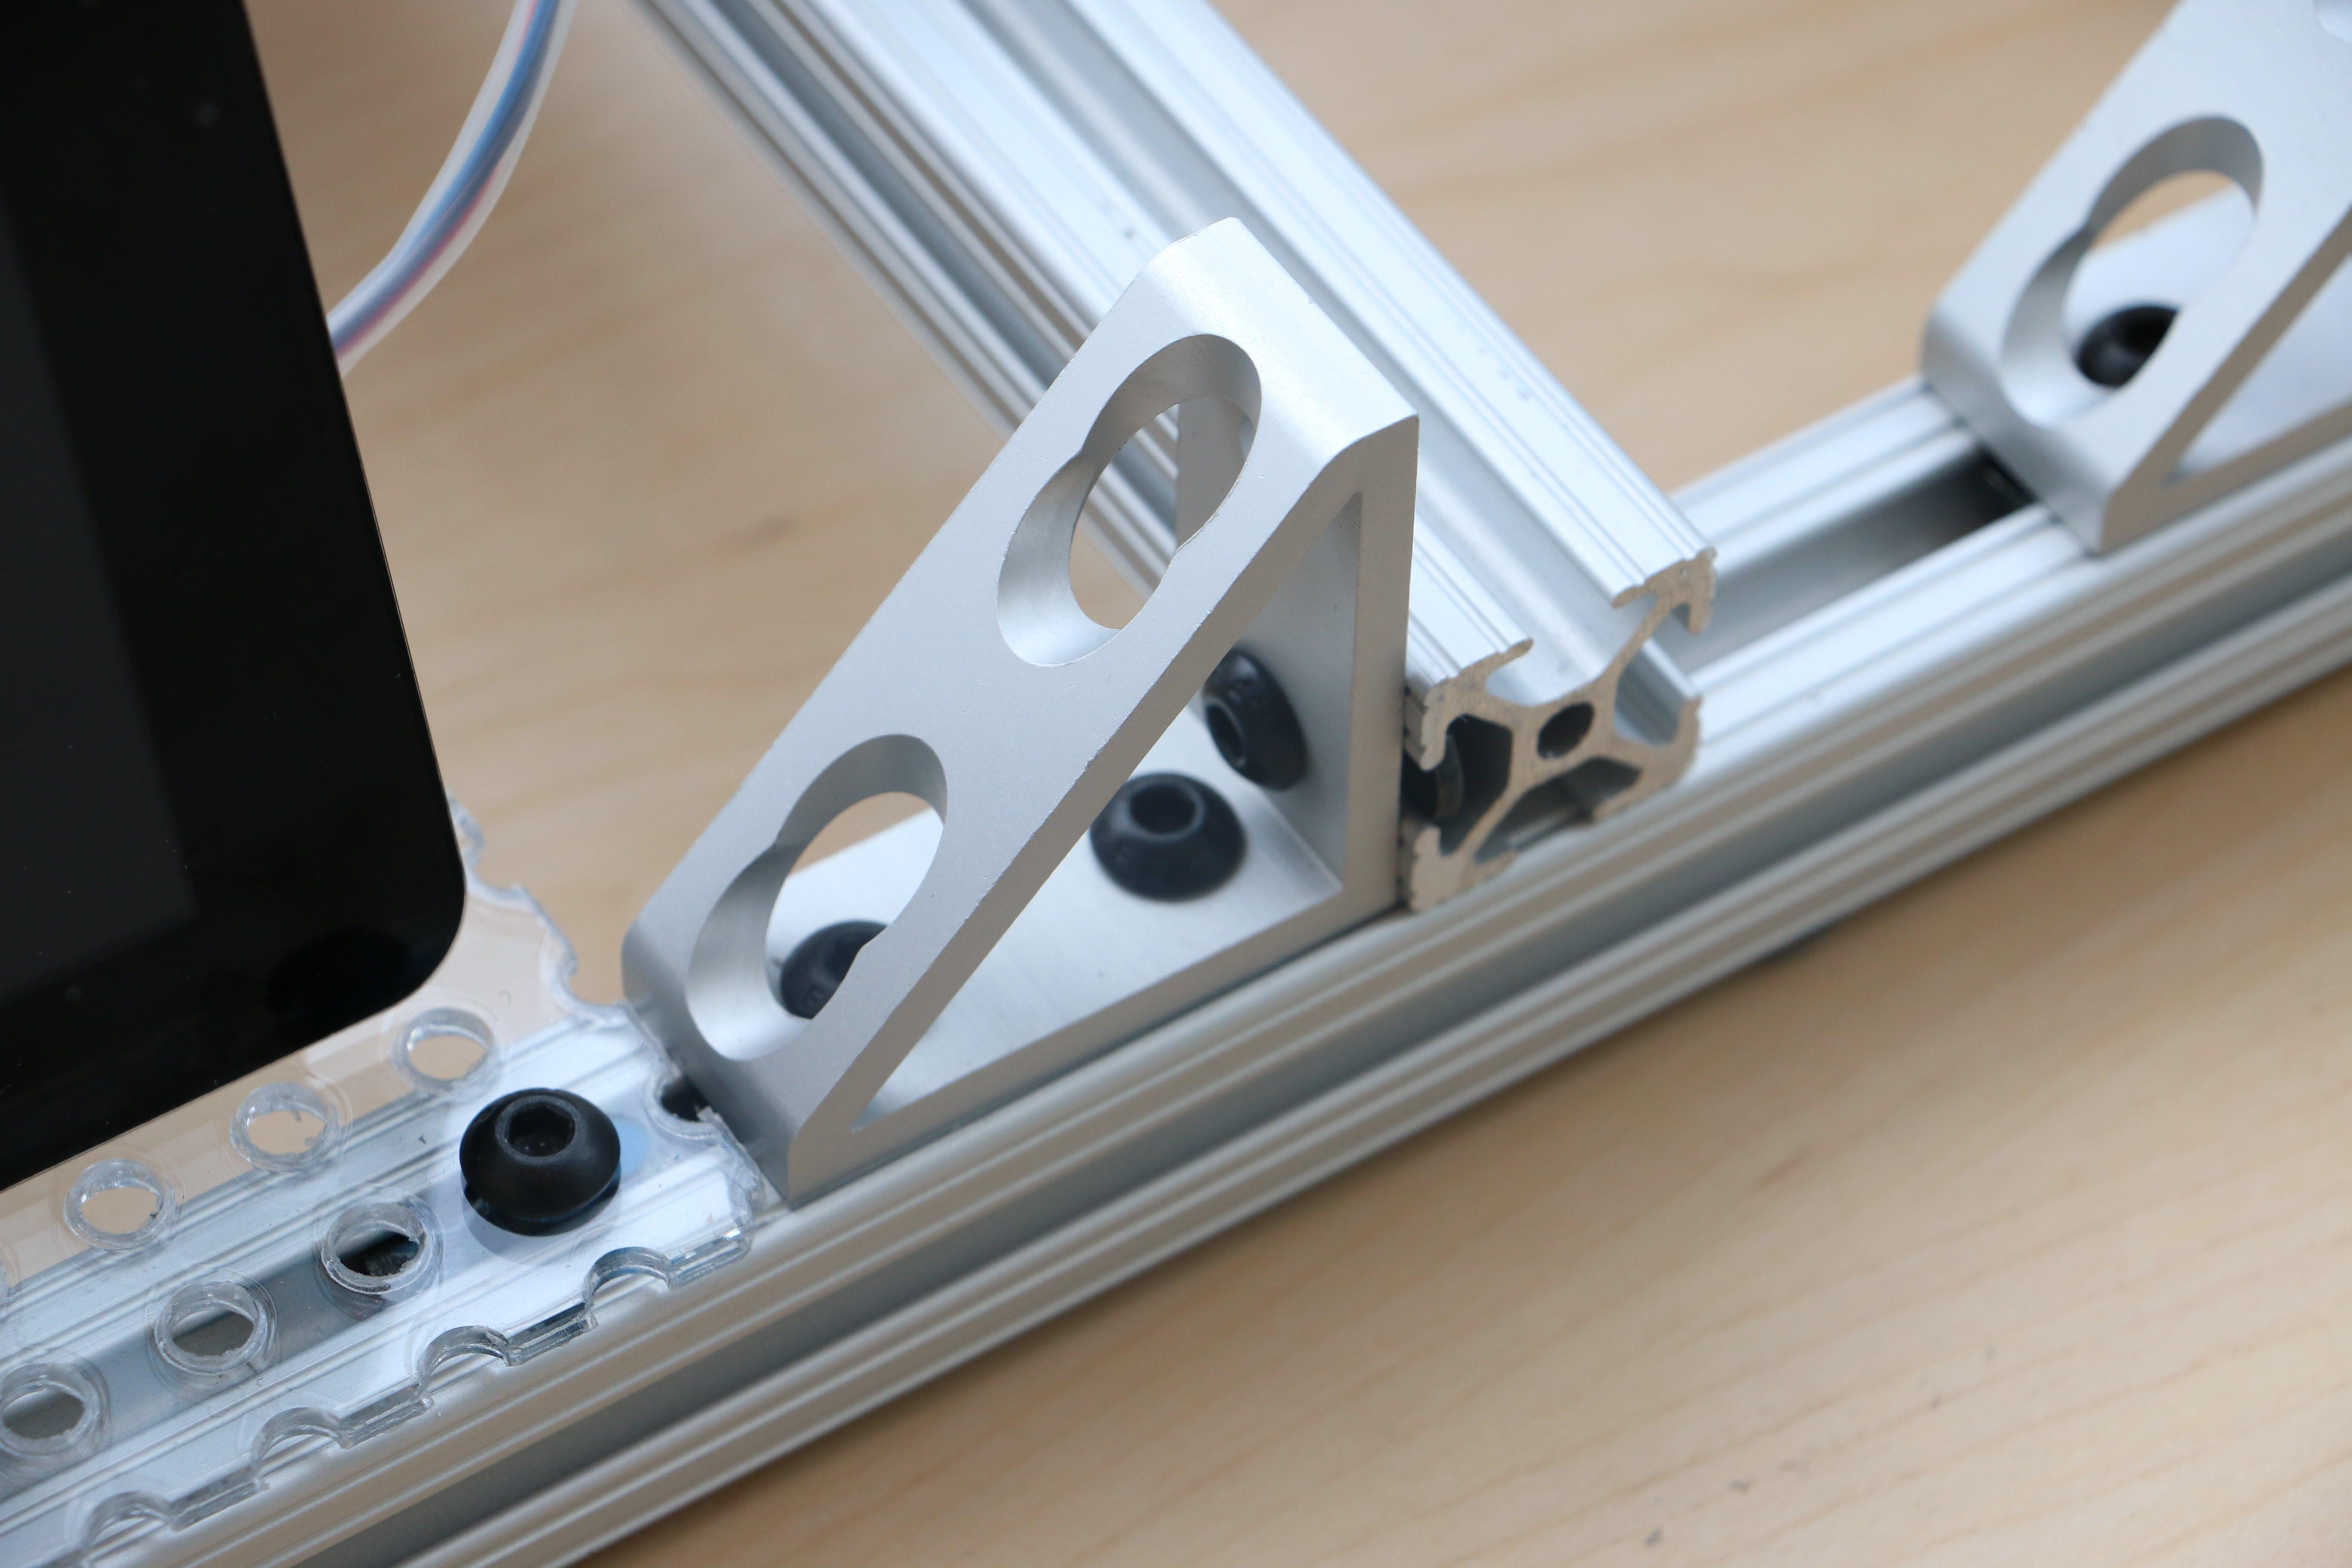 Corner brackets used for framing